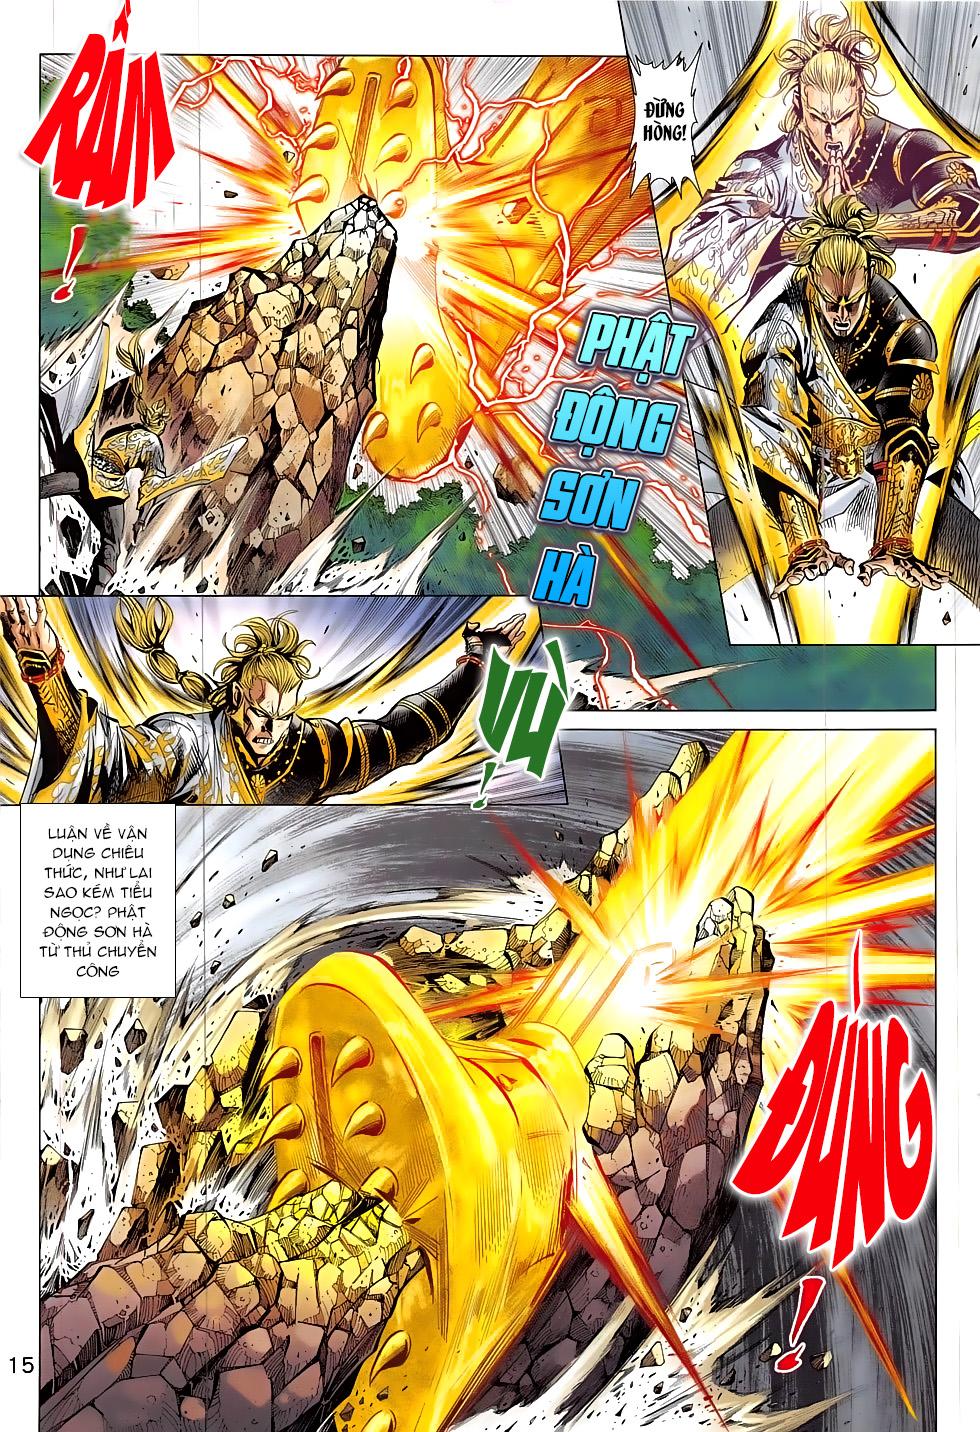 Thần Chưởng trang 15